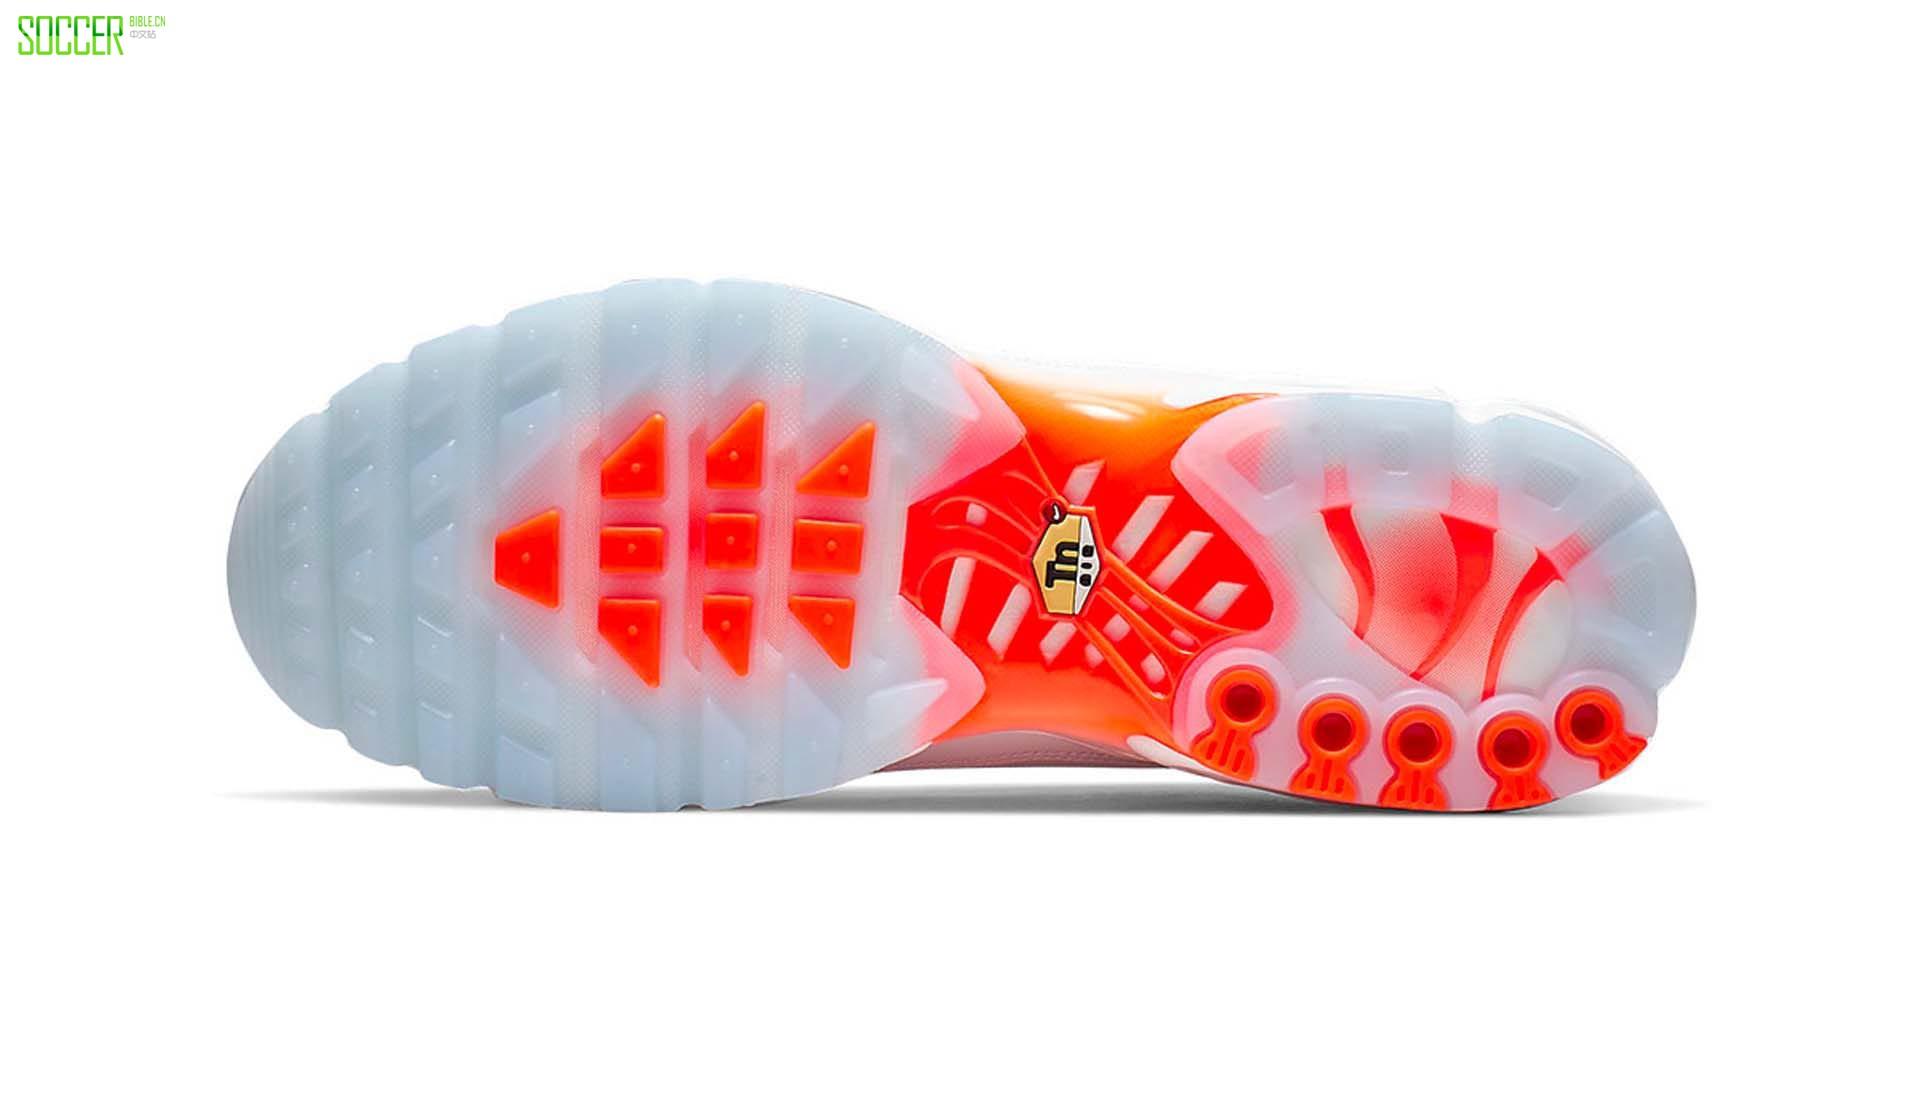 耐克发布Euphoria Pack配色的Air Max Plus运动鞋